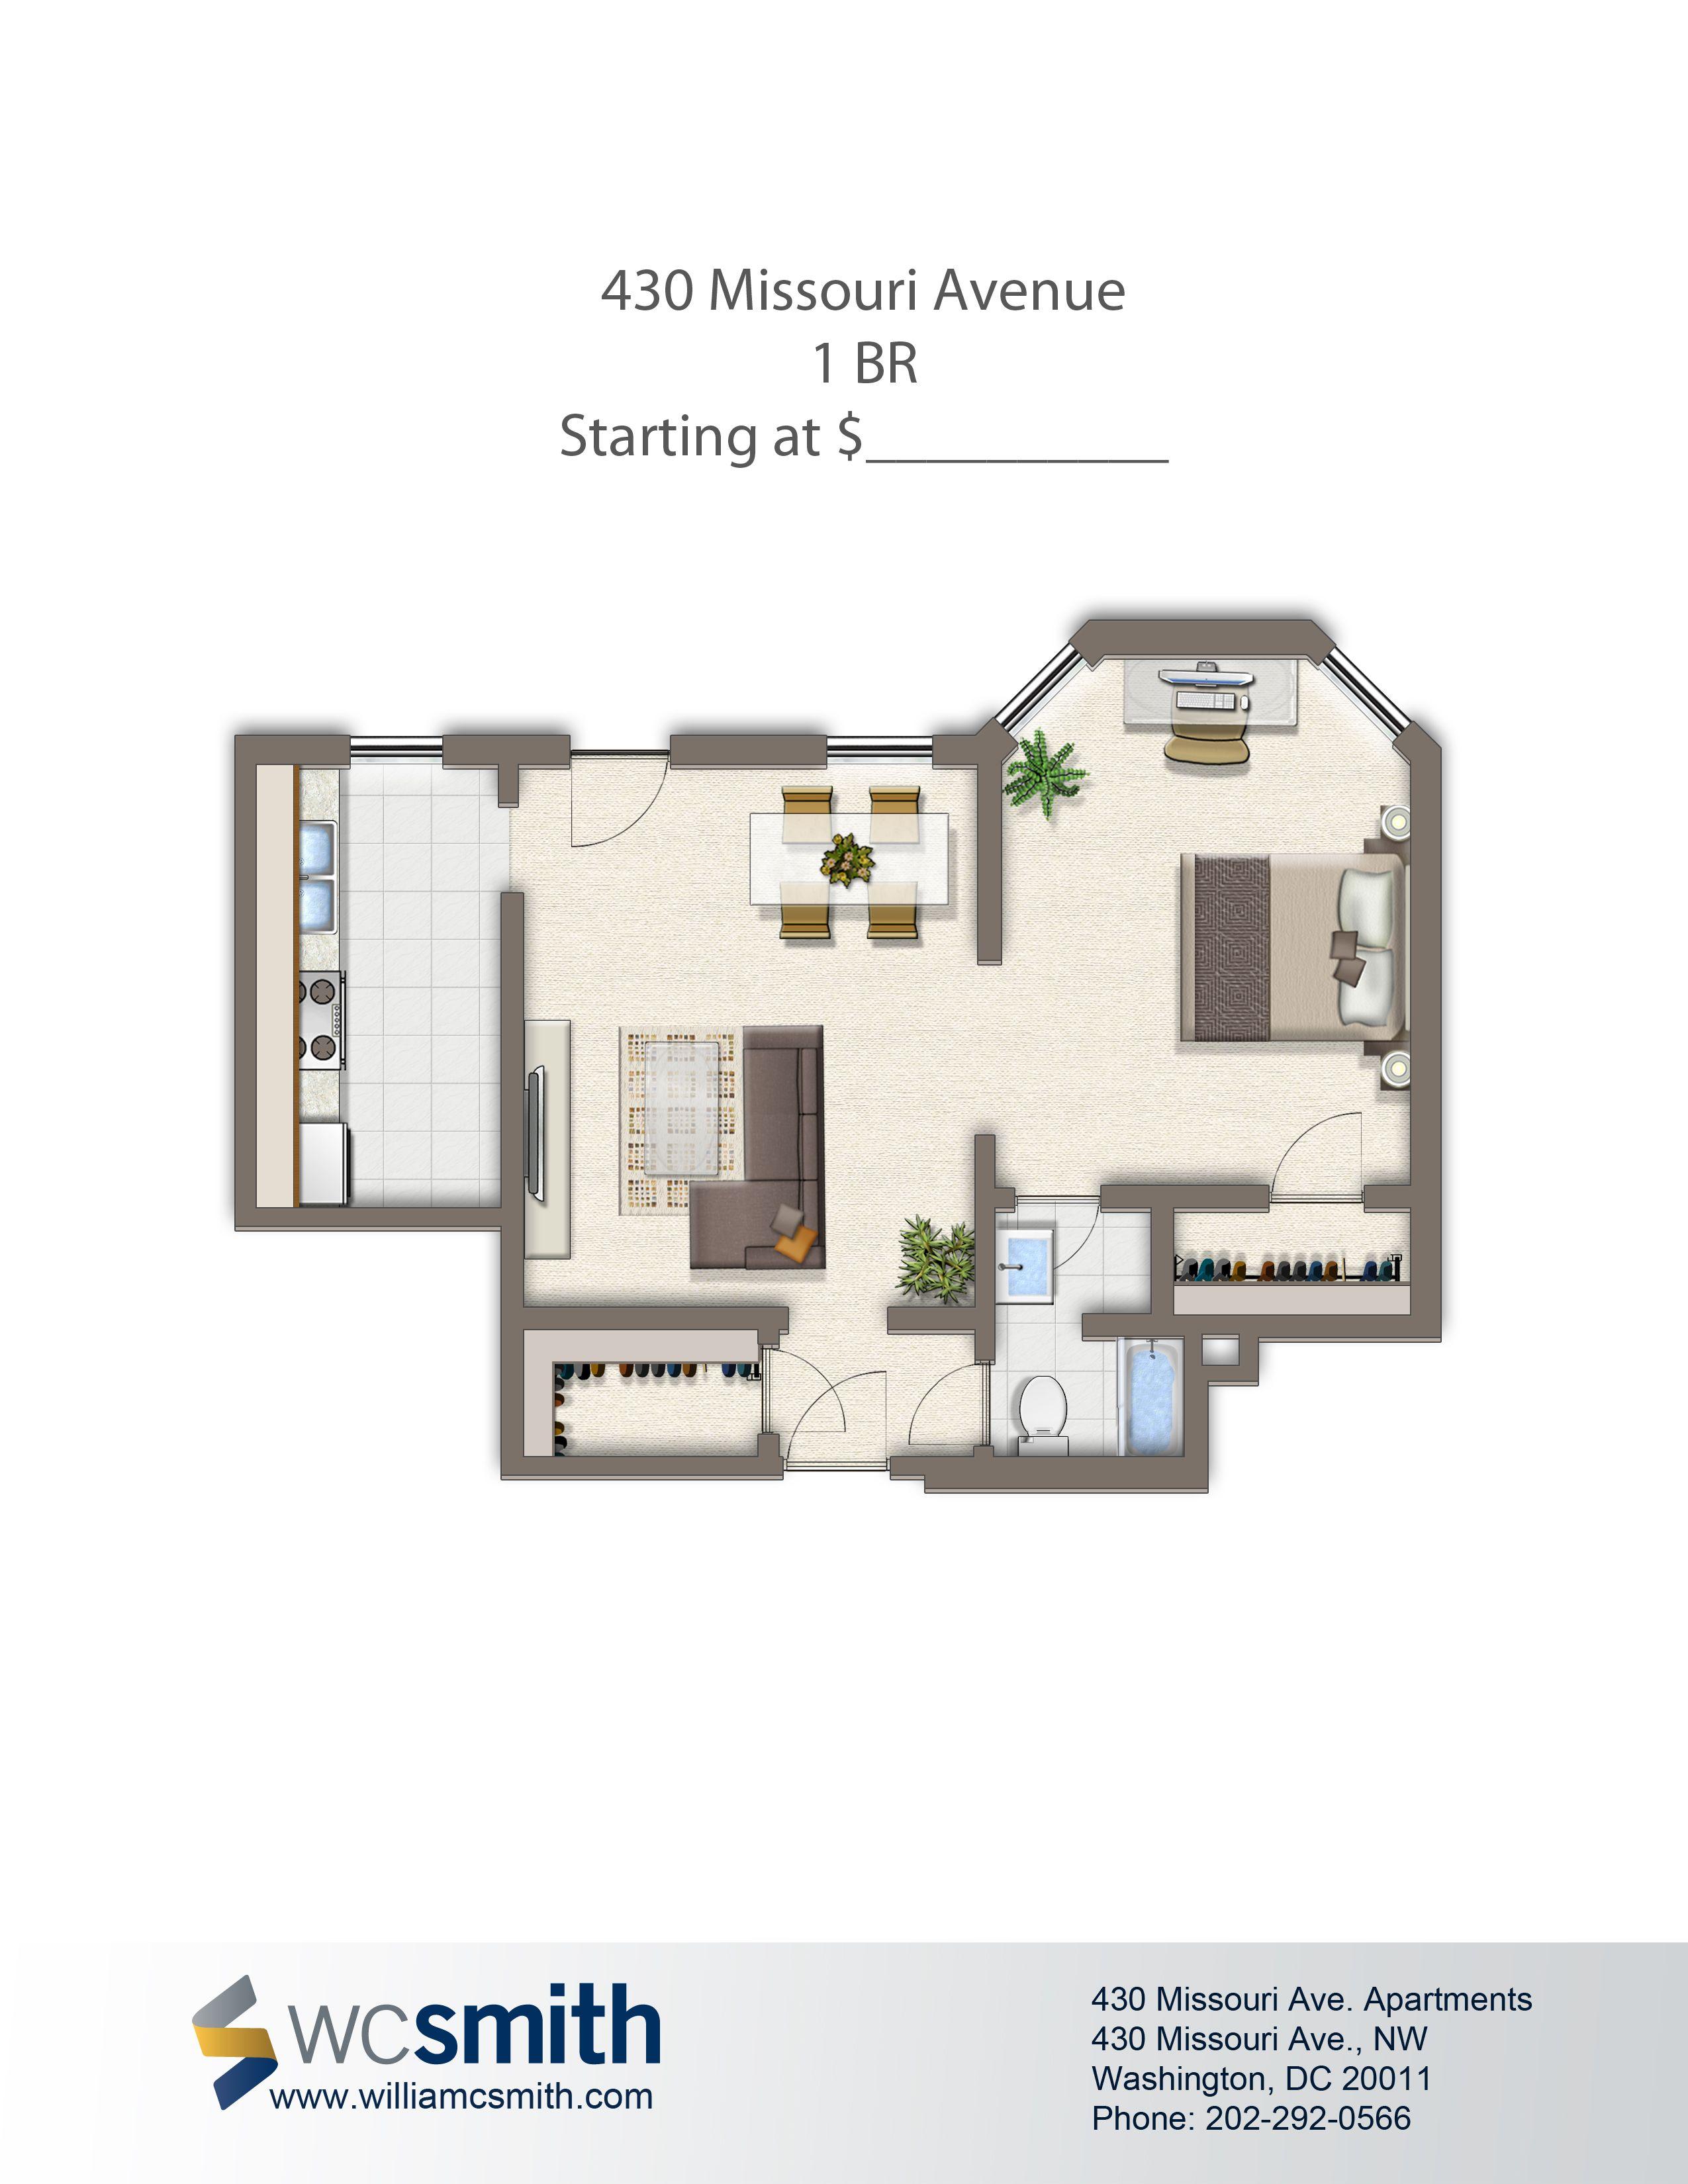 One Bedroom Floor Plan 430 Missouri in Northwest